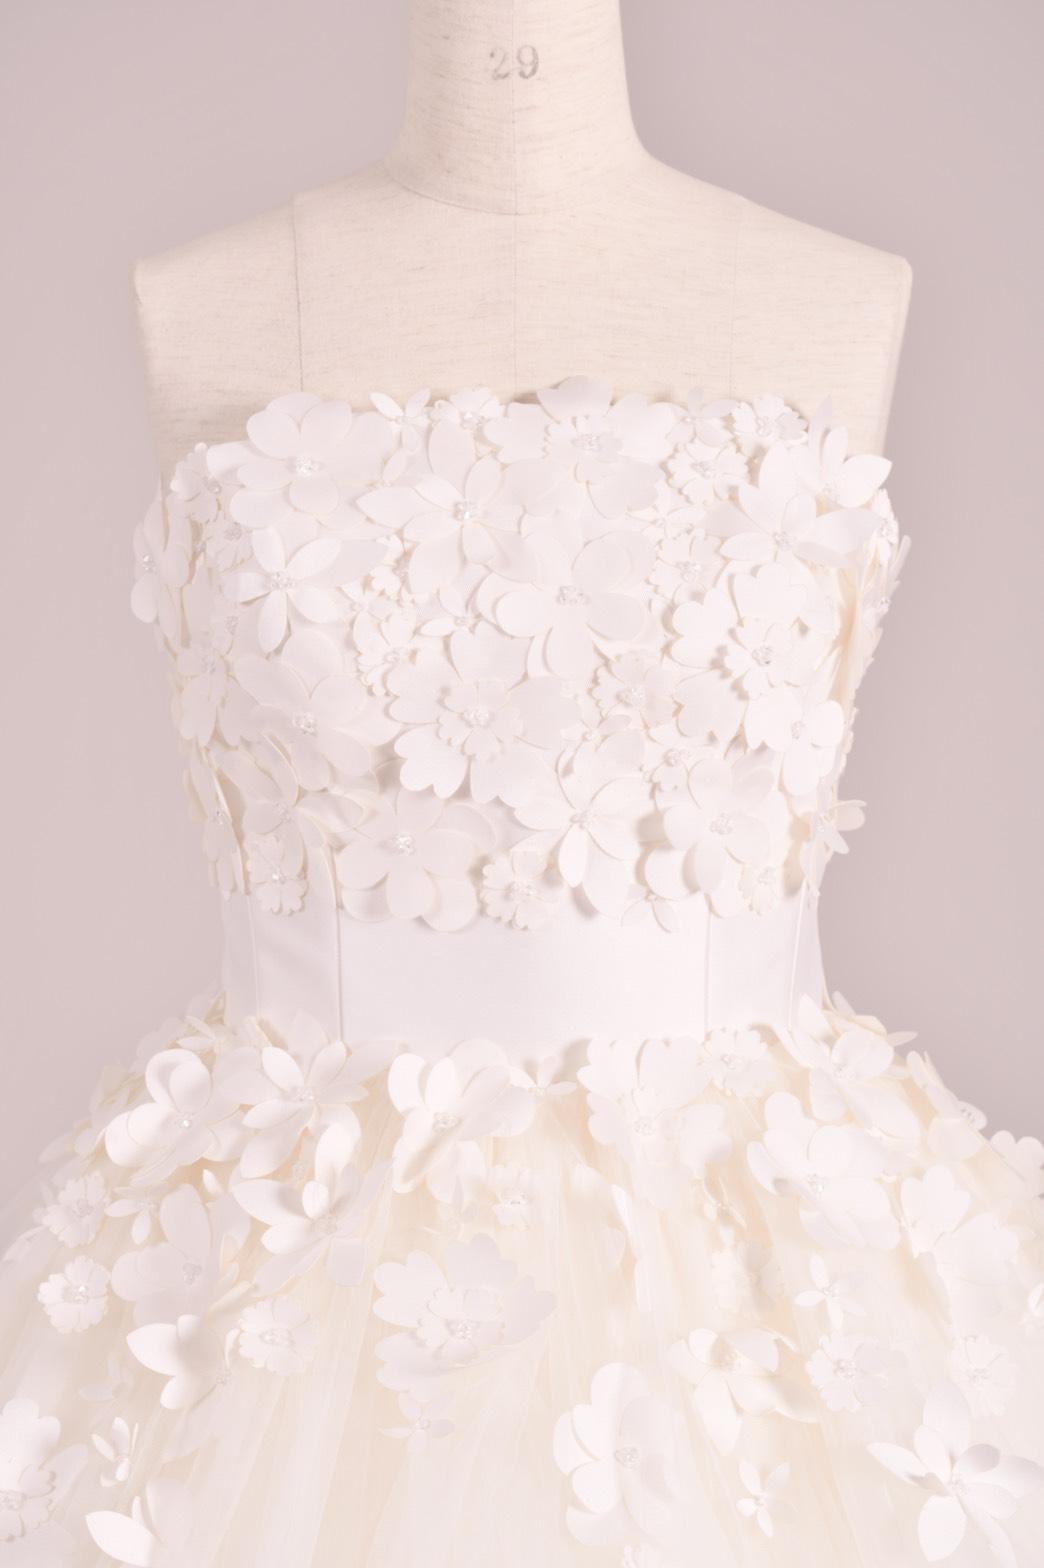 ヴィクターアンドロルフマリアージュのトリートオリジナルのウェディングドレスのご紹介